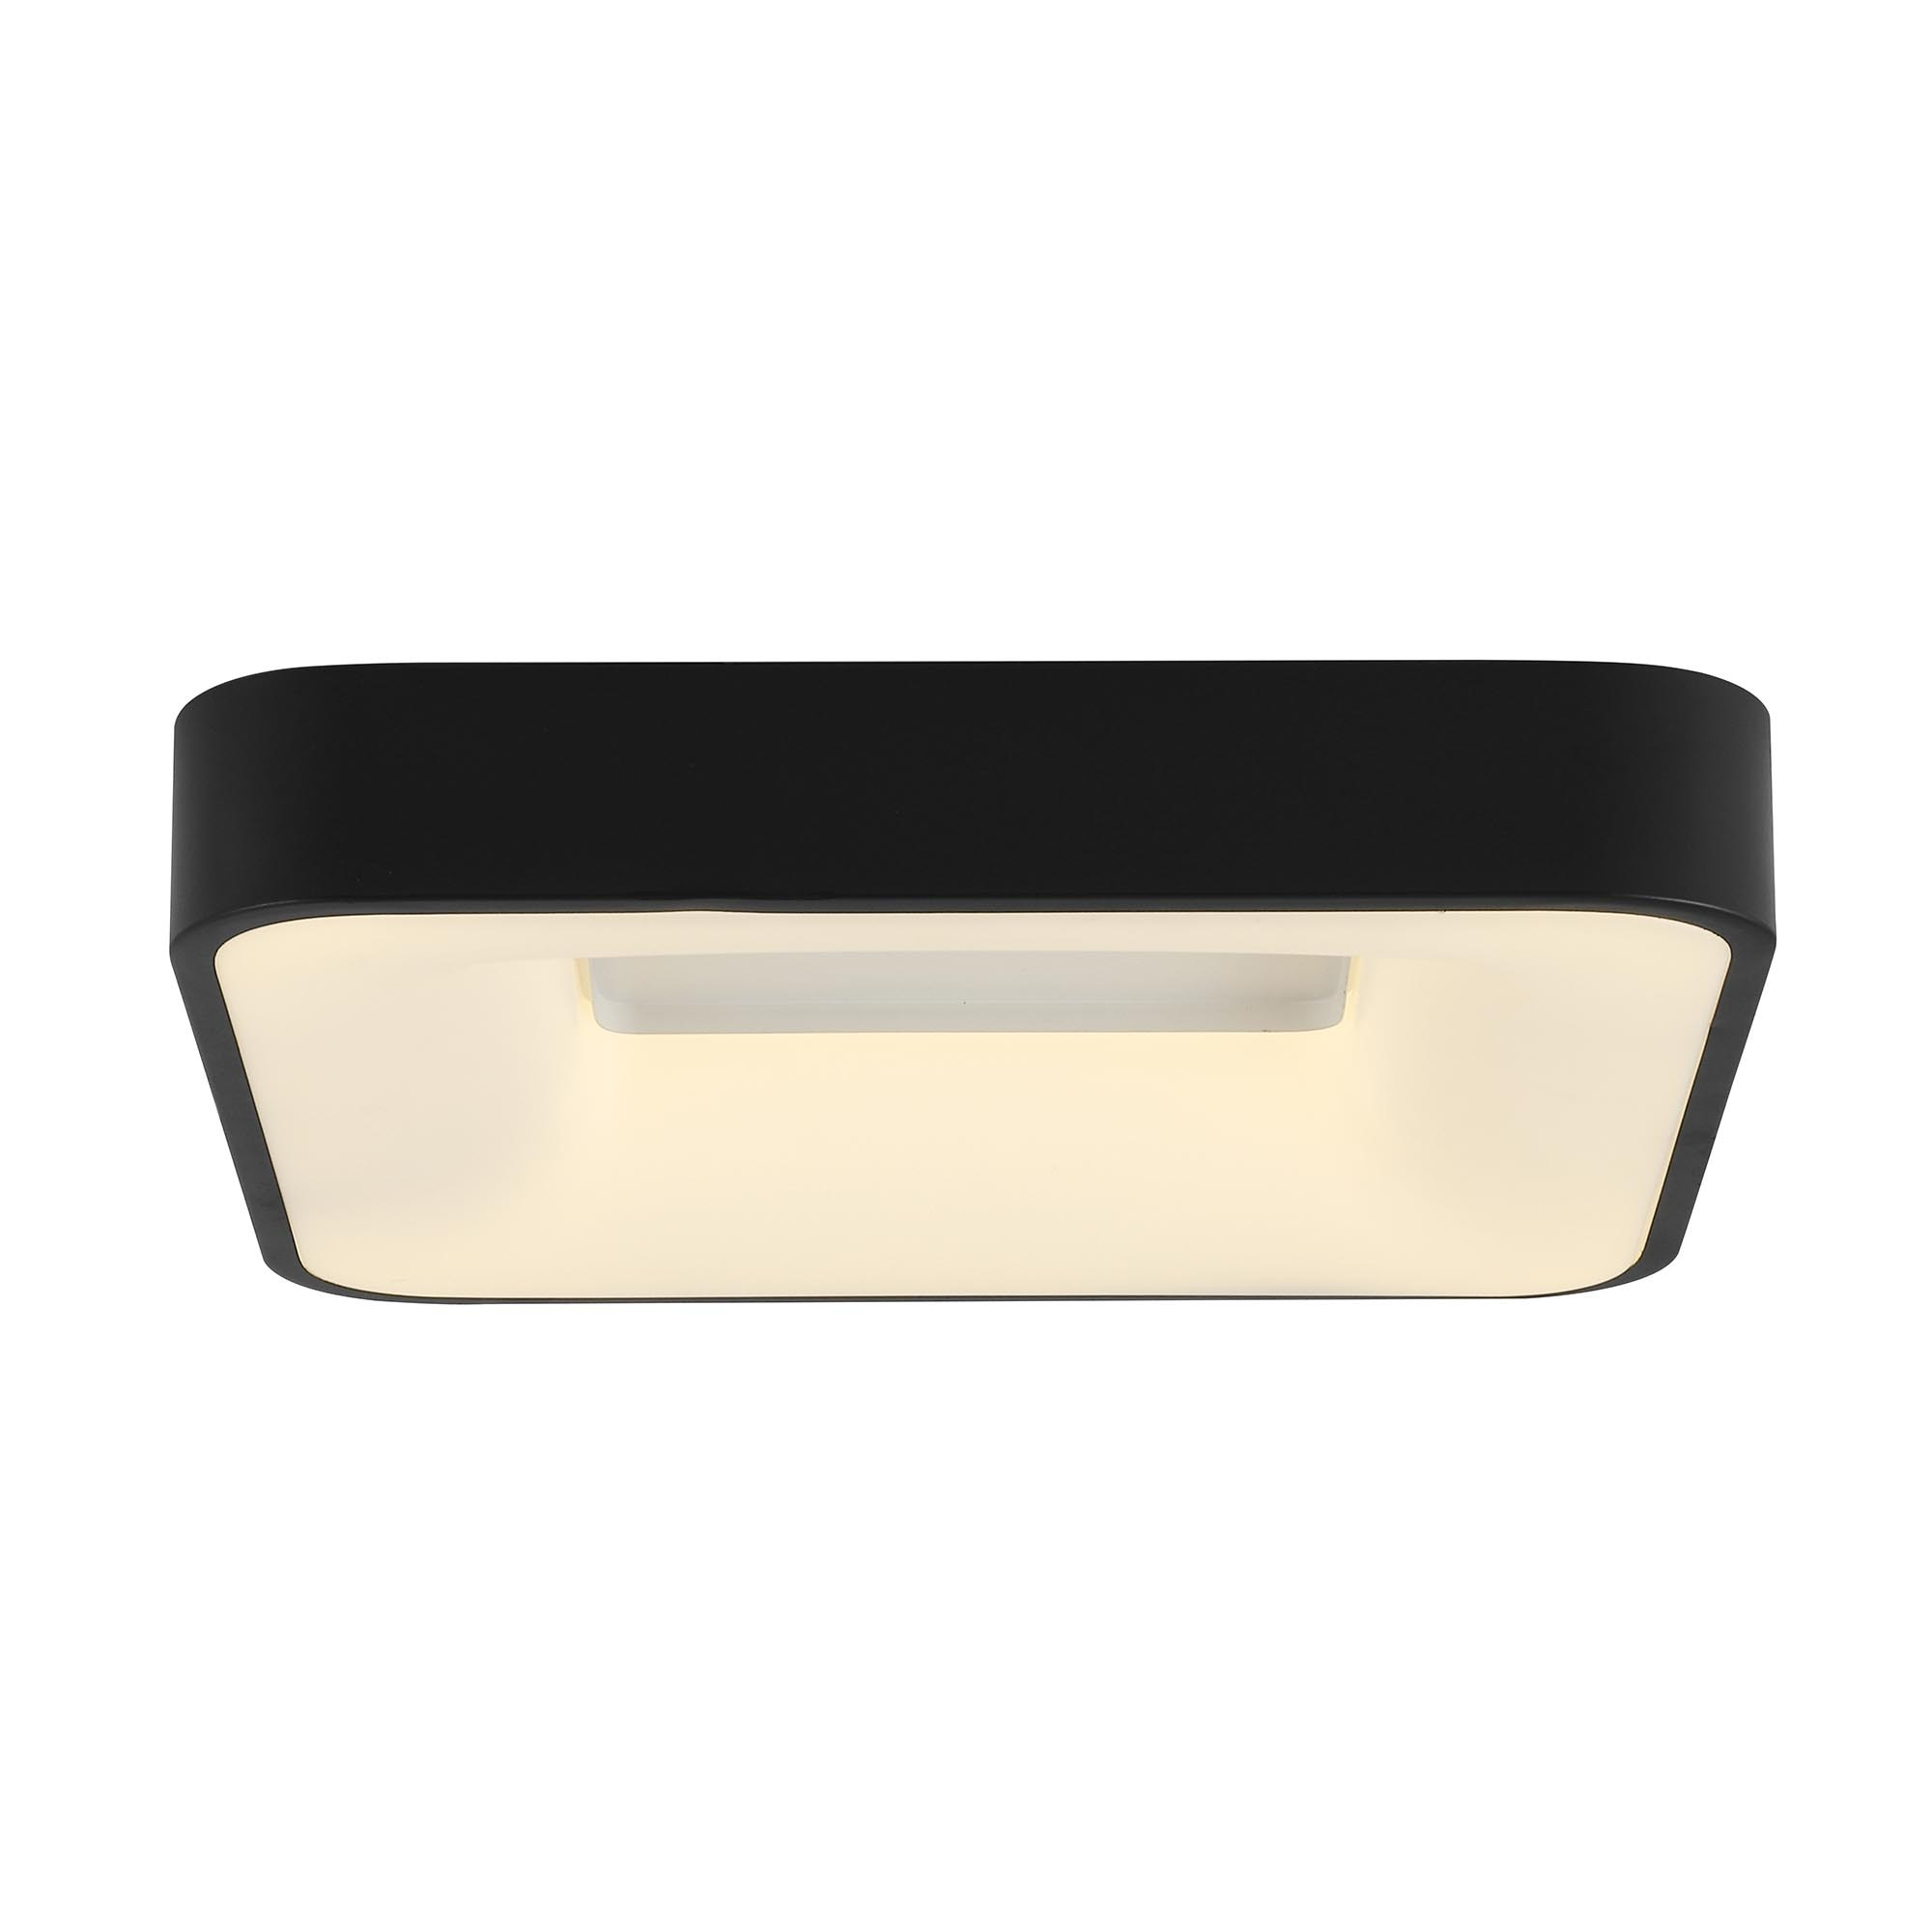 Brilliant Leuchten Saria LED Wand- und Deckenleuchte 40x40cm sand/dunkel grau